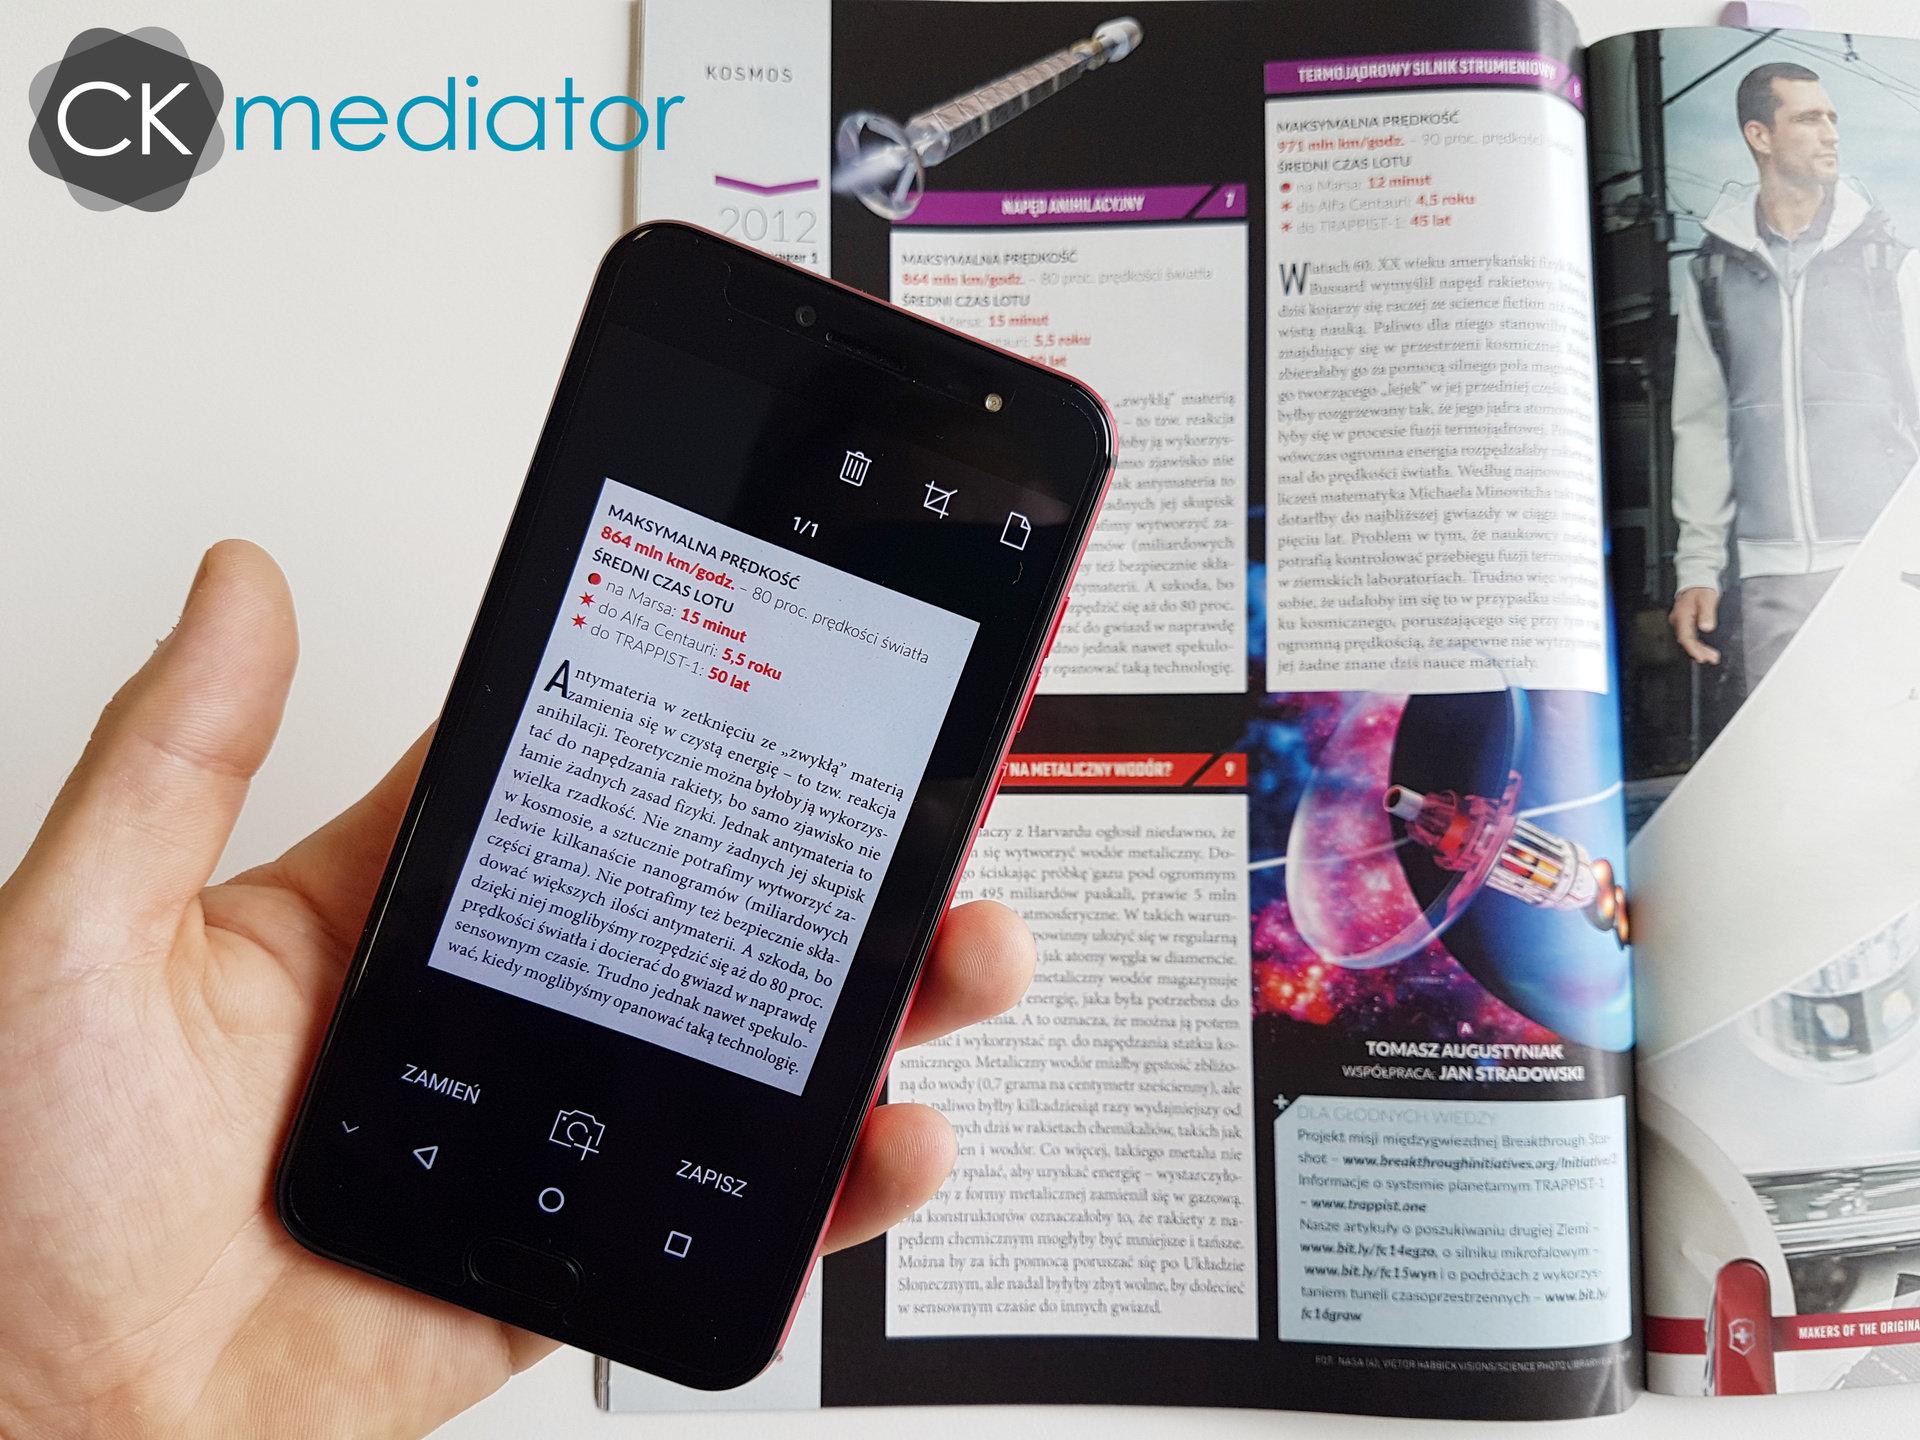 Szkolny niezbędnik – TOP 7 aplikacji mobilnych dla uczniów